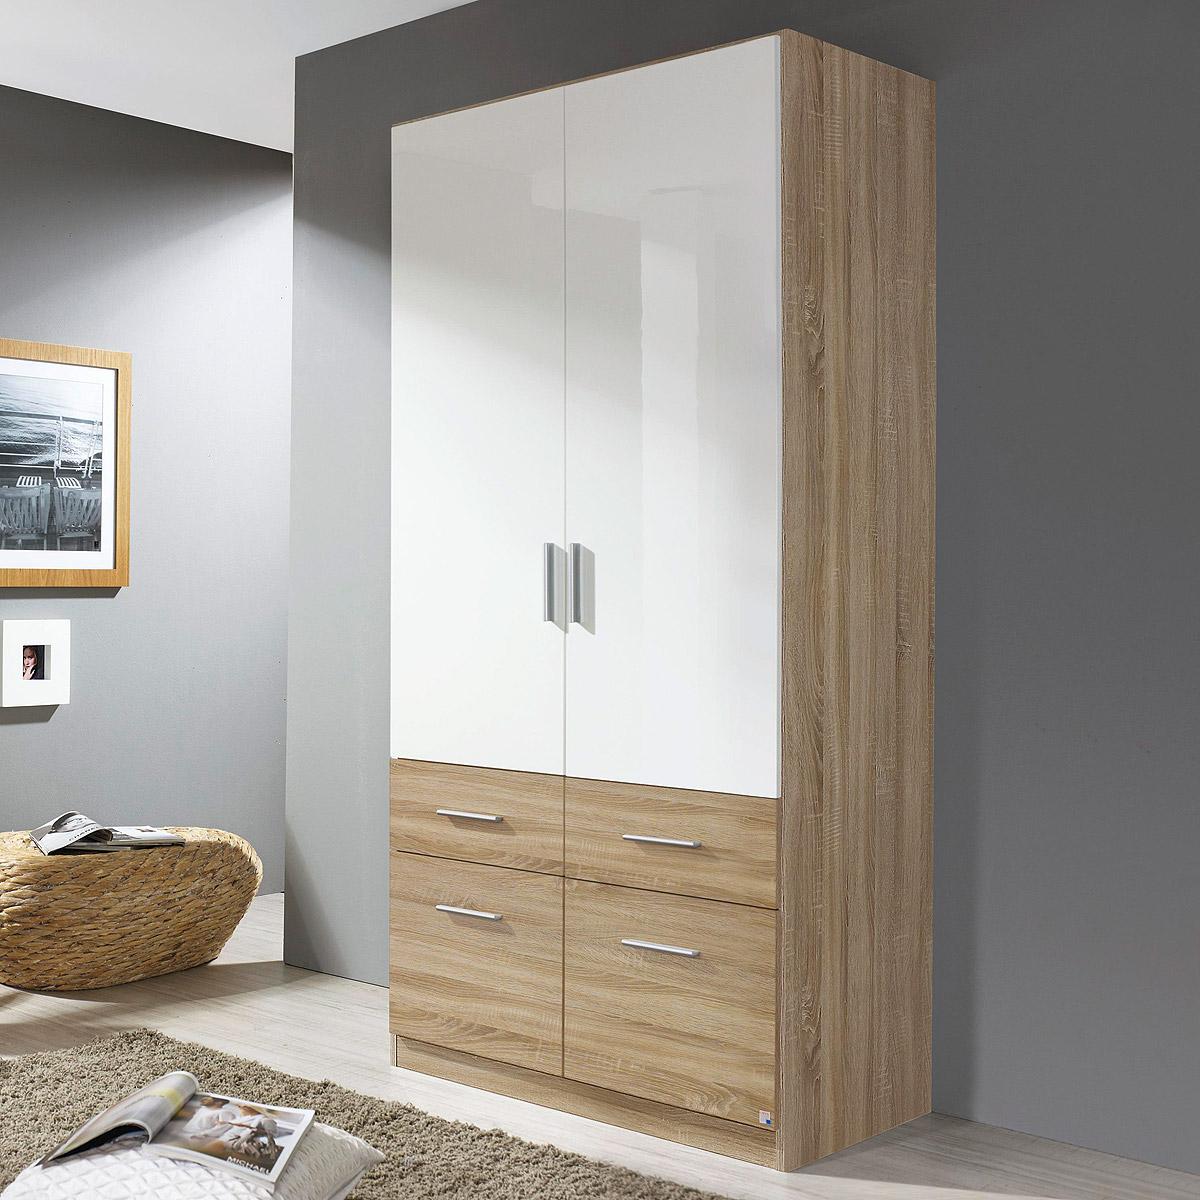 kleiderschrank celle extra schrank schlafzimmer wei hochglanz eiche sonoma b 91 ebay. Black Bedroom Furniture Sets. Home Design Ideas